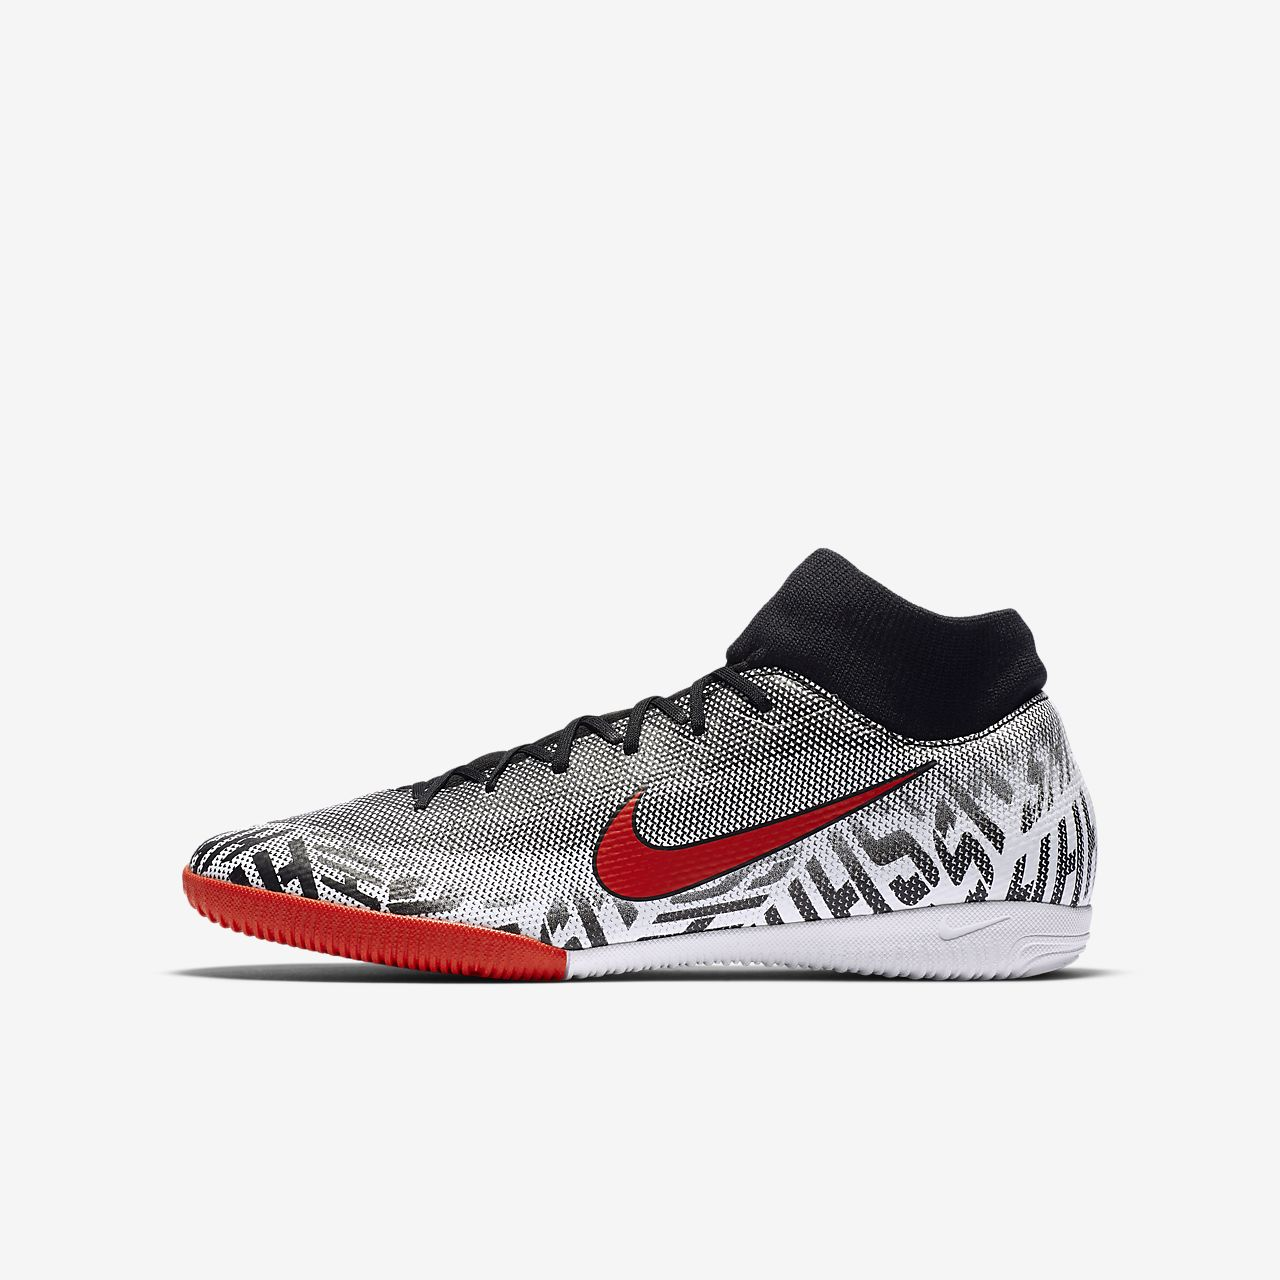 รองเท้าฟุตบอลเด็กเล็ก/โตสำหรับคอร์ทในร่ม Nike Jr. Mercurial Superfly VI Academy Neymar Jr.